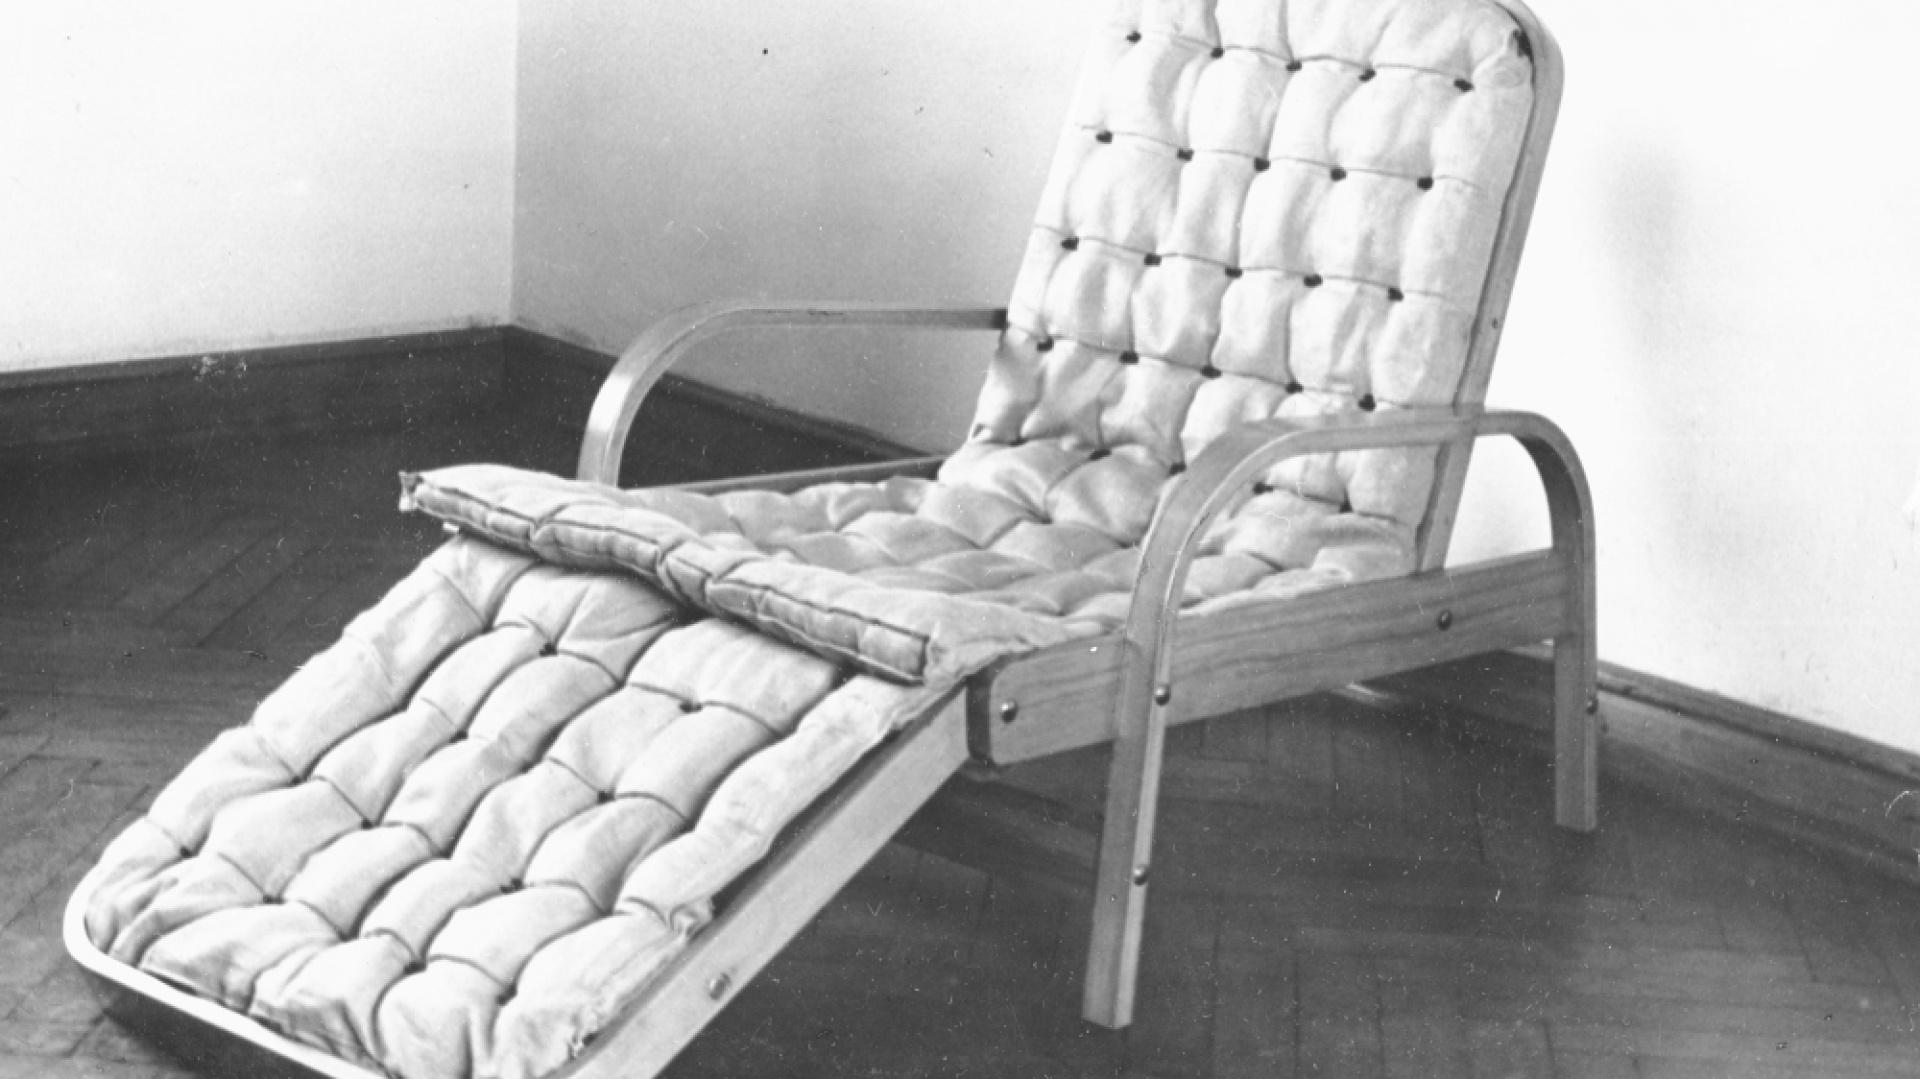 Tadeusz Kasprzycki, Fotel-leżanka, 1949, dzięki uprzejmości Instytutu Wzornictwa Przemysłowego. Fot. Materiały prasowe